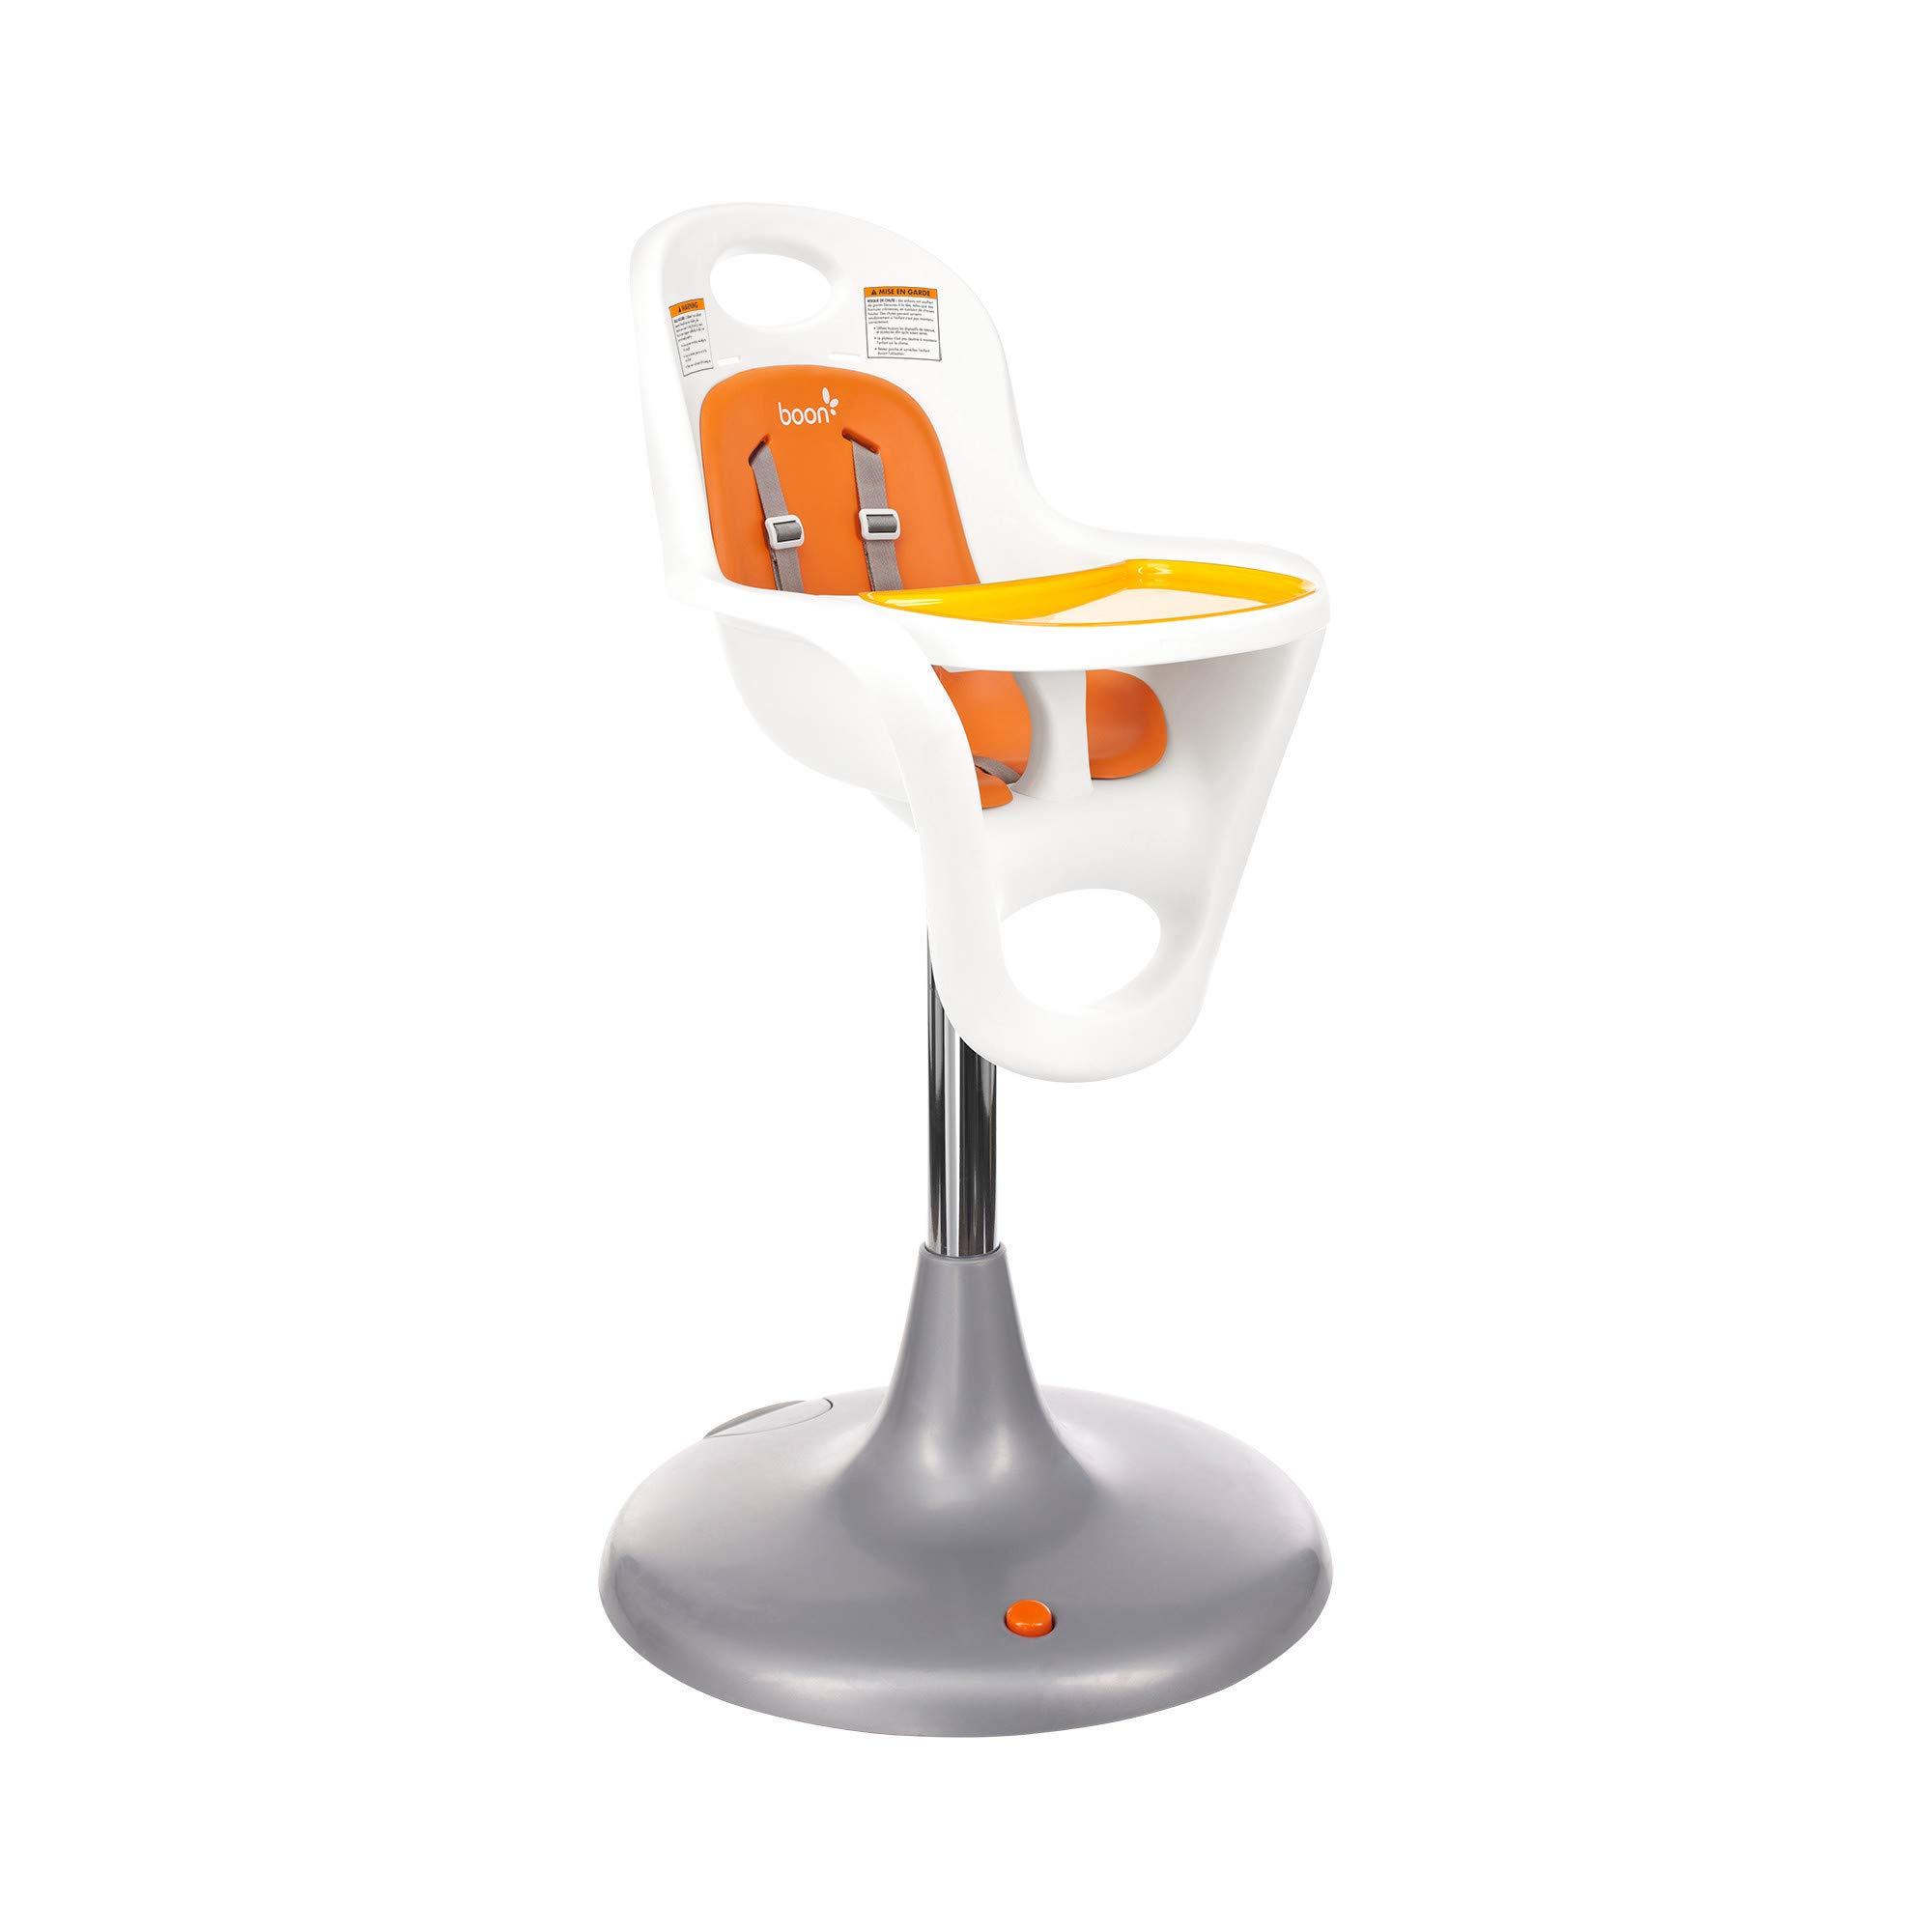 Boon Flair Highchair - Orange Pad - White Base by Boon